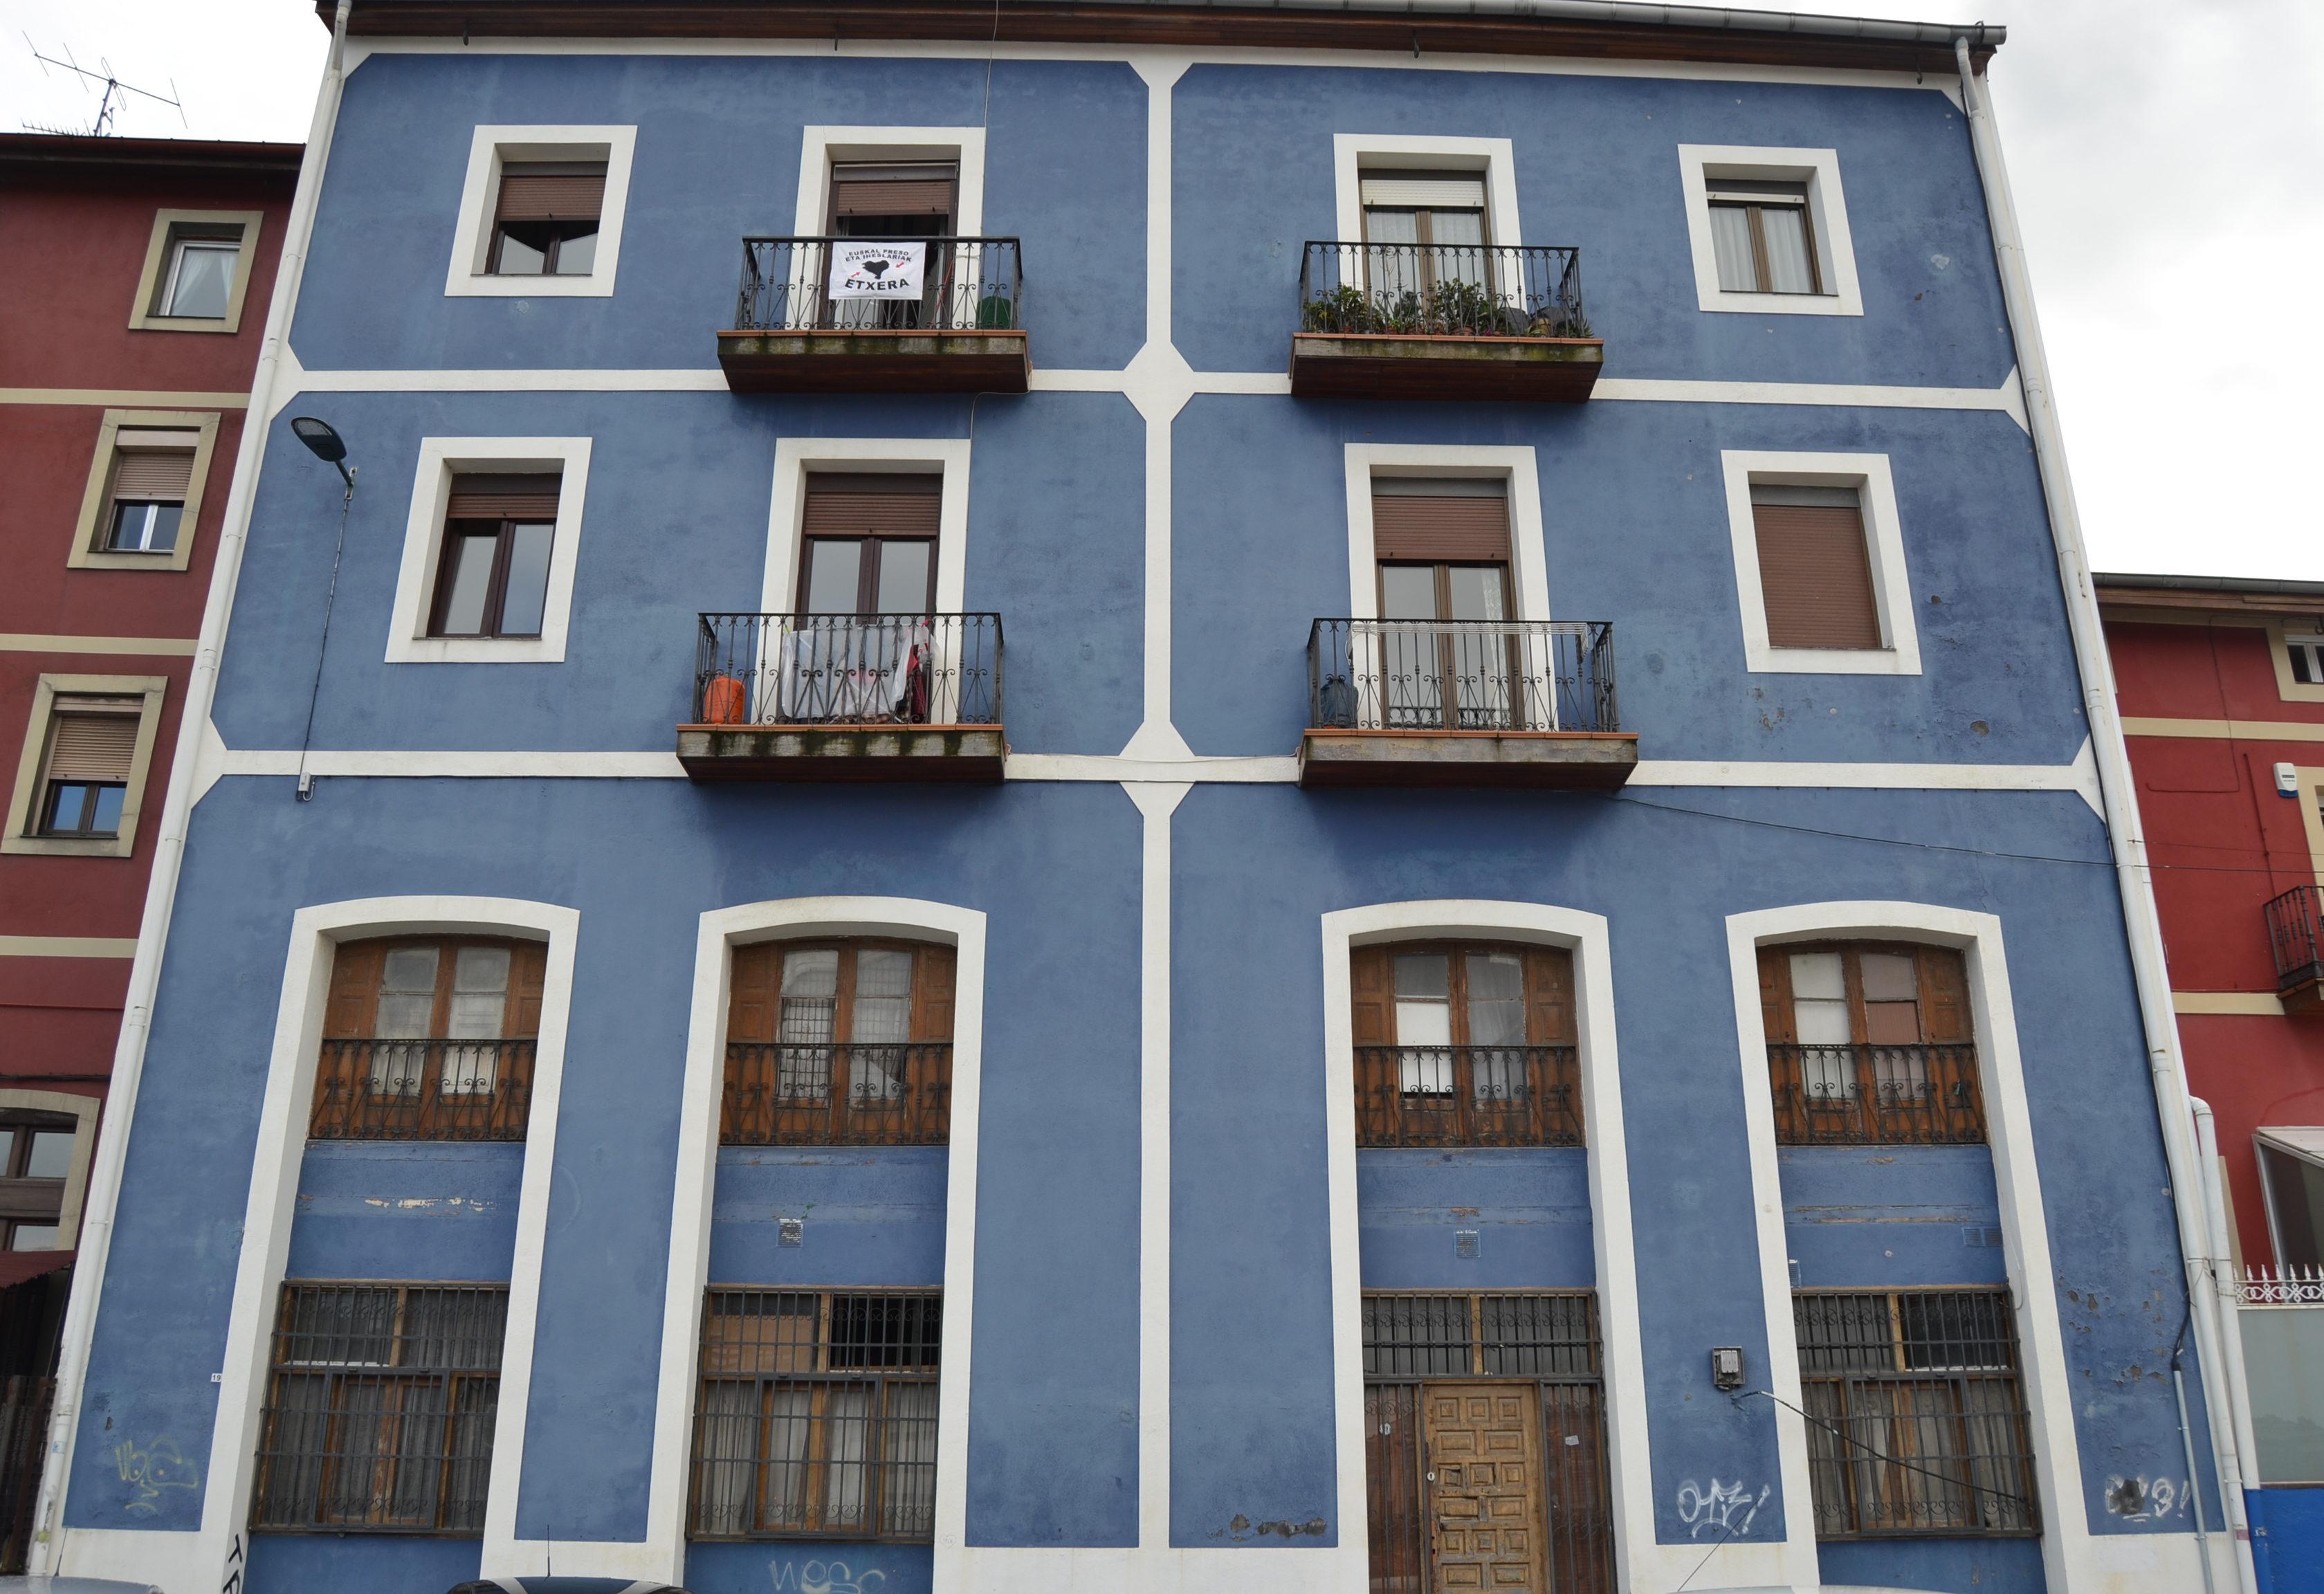 Quoi faire à Bilbao en 3 jours - Foot à Bilbao quoi voir à Bilbao quoi faire à Bilbao stade de foot Bilbao San Mamès Cathédrale du football Olébéaga blog voyage les p'tits touristes